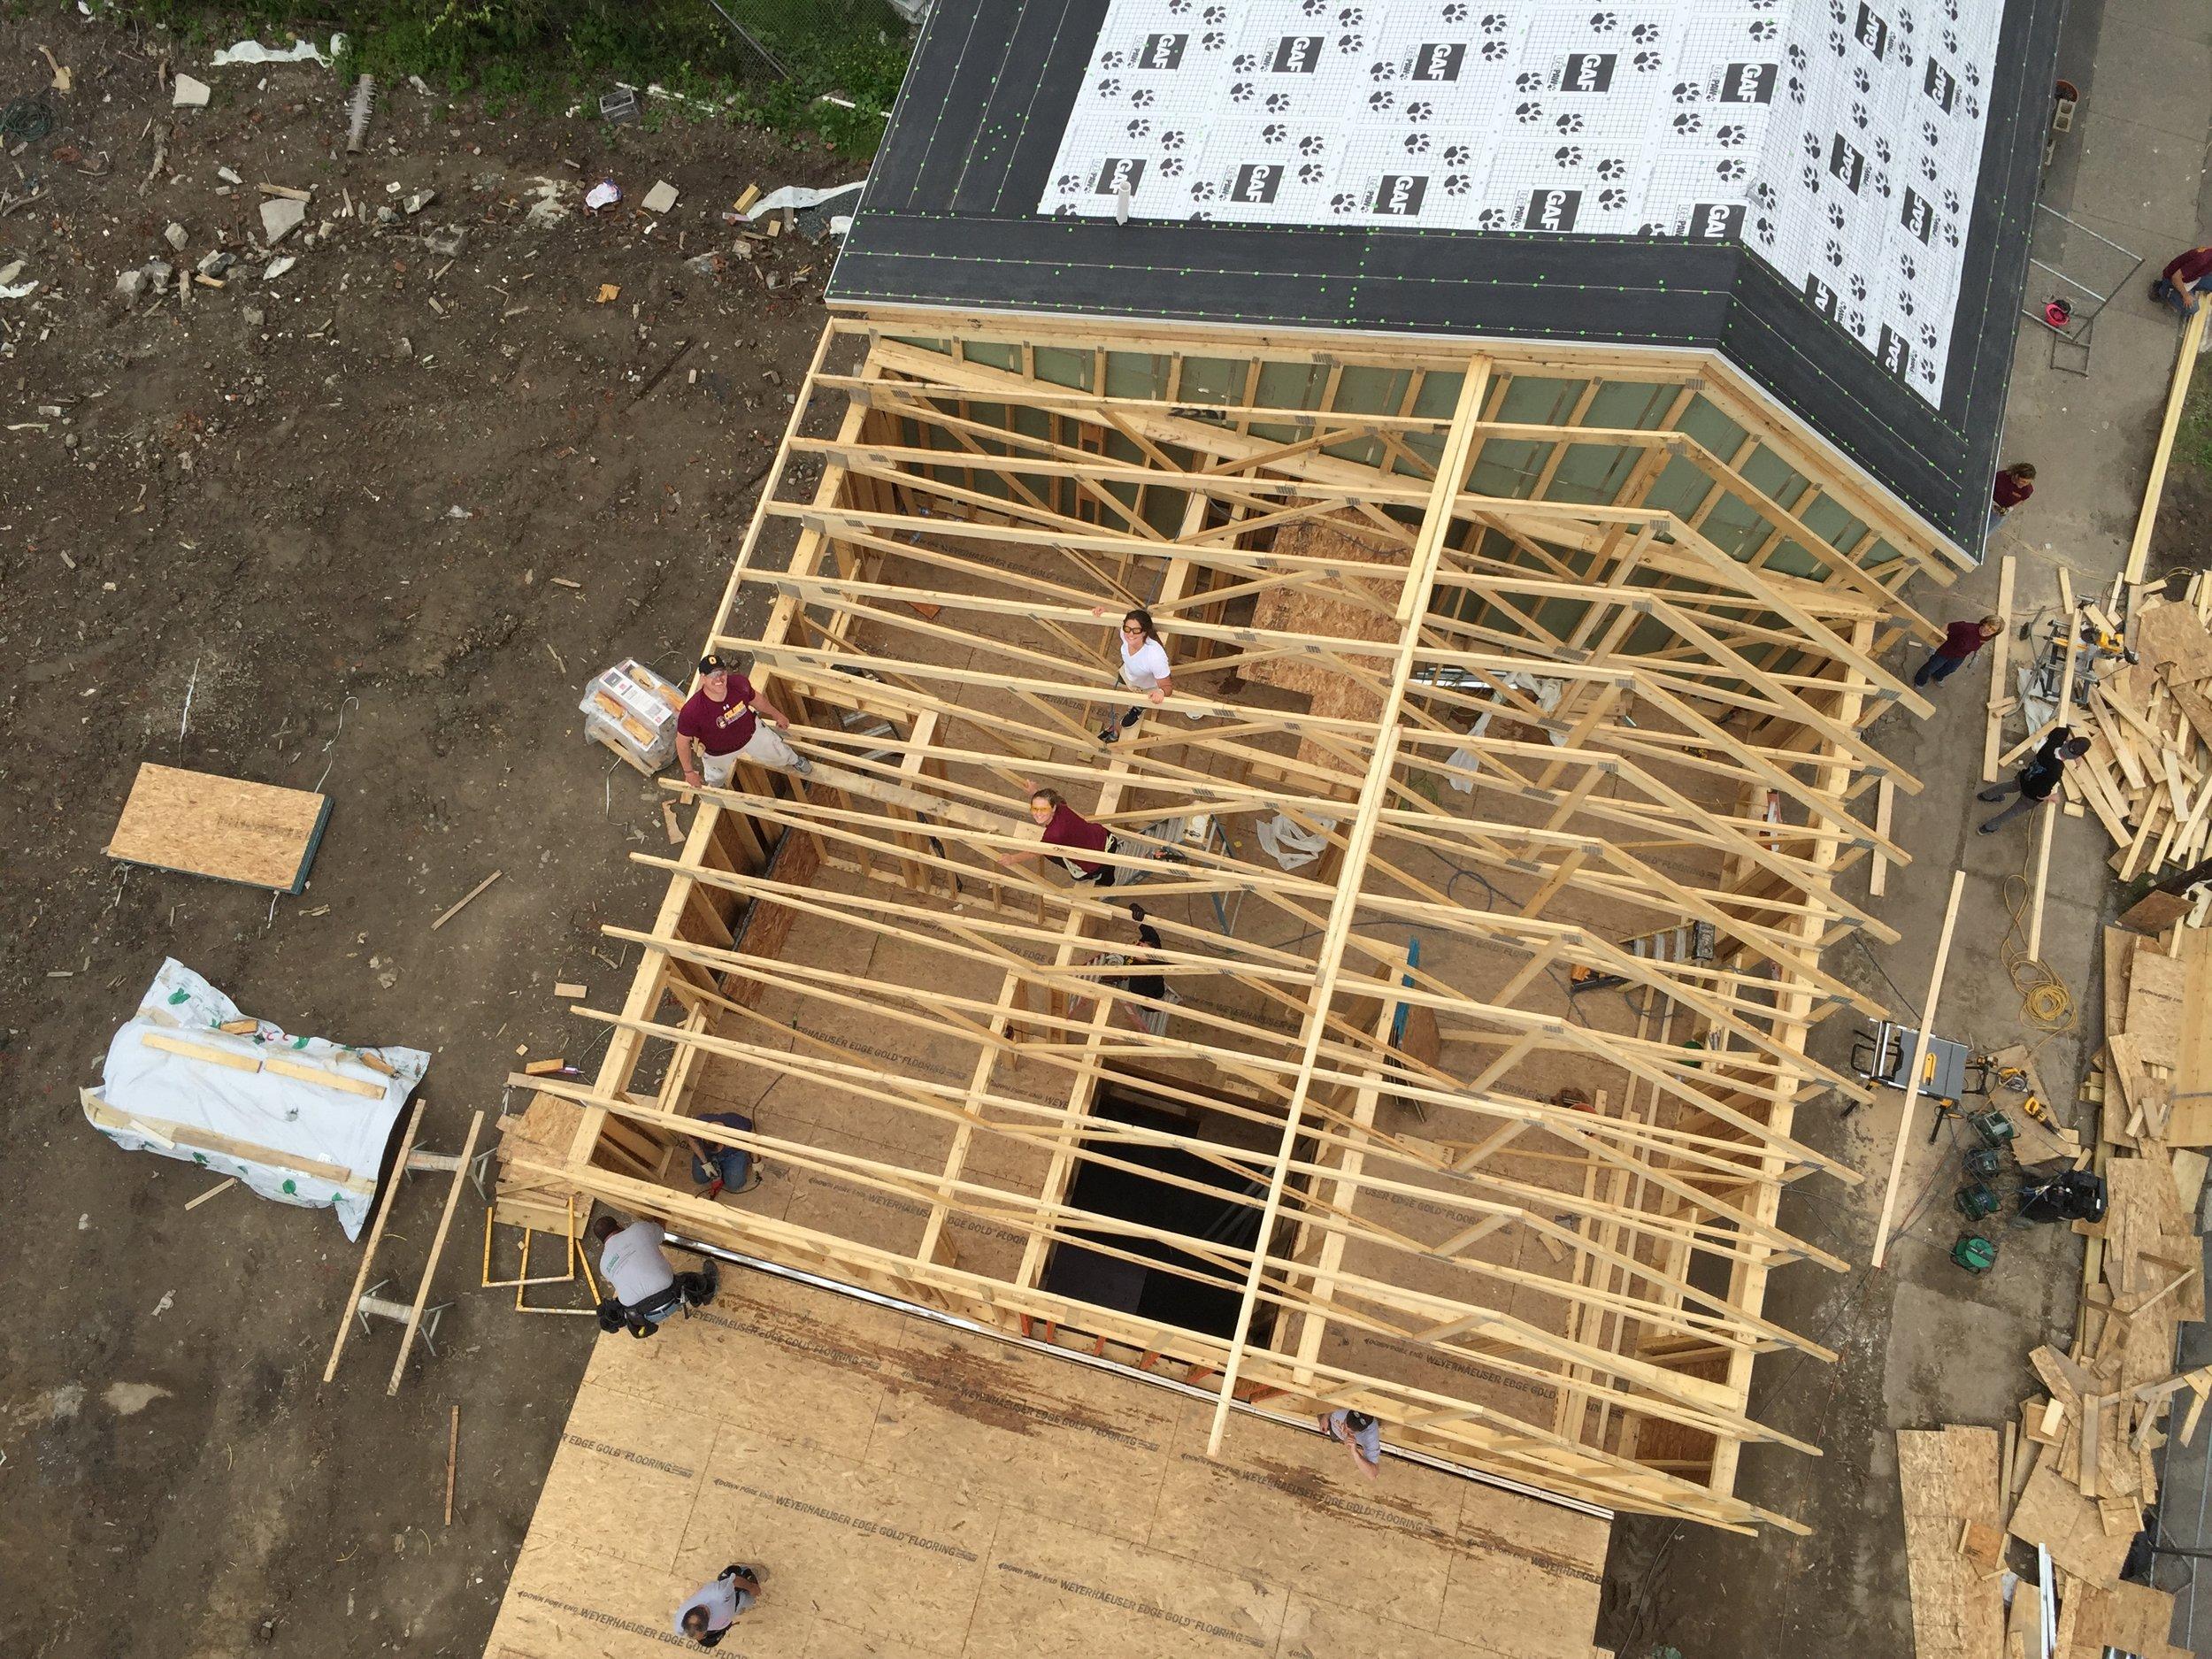 habitat home under construction volunteers